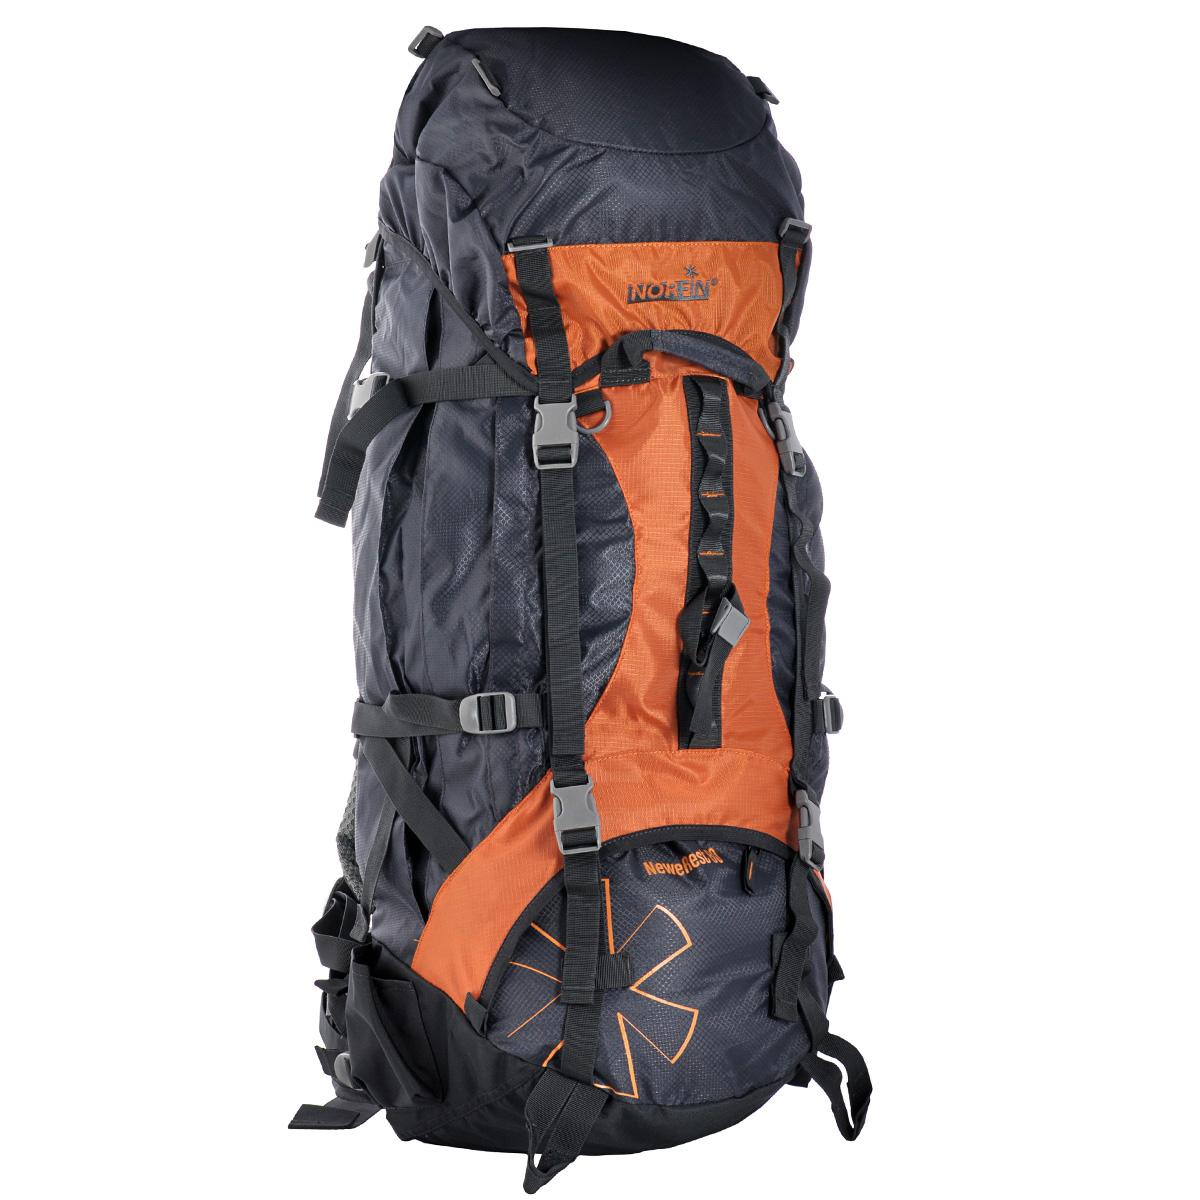 Рюкзак туристический Norfin NeweRest, цвет: серый, оранжевый, 80 лNS-40209Туристический функциональный 80-литровый рюкзак Norfin NeweRest отлично подойдет для походов и путешествий. Особенности рюкзака:Анатомический съемный пояс. Отлично сидит на бедрах, хорошо перераспределяет нагрузкуРегулируемая подвесная система V-1 Грудная стяжка Алюминиевые латы Выход под питьевую систему Основное отделение с разделителем на молнии позволит удобно распределить содержимое рюкзака Верхний и нижний входы в основное отделение Объемные боковые карманыНижние боковые карманы для фиксирования длинномерных грузов имеют боковые стяжки Плавающий верхний клапан с внешним и внутренним карманамиДополнительная ручка с фронтальной стороны для погрузки-разгрузки рюкзака Чехол-дождевик в кармане на дне Возможность крепления трекинговых палок.Что взять с собой в поход?. Статья OZON Гид